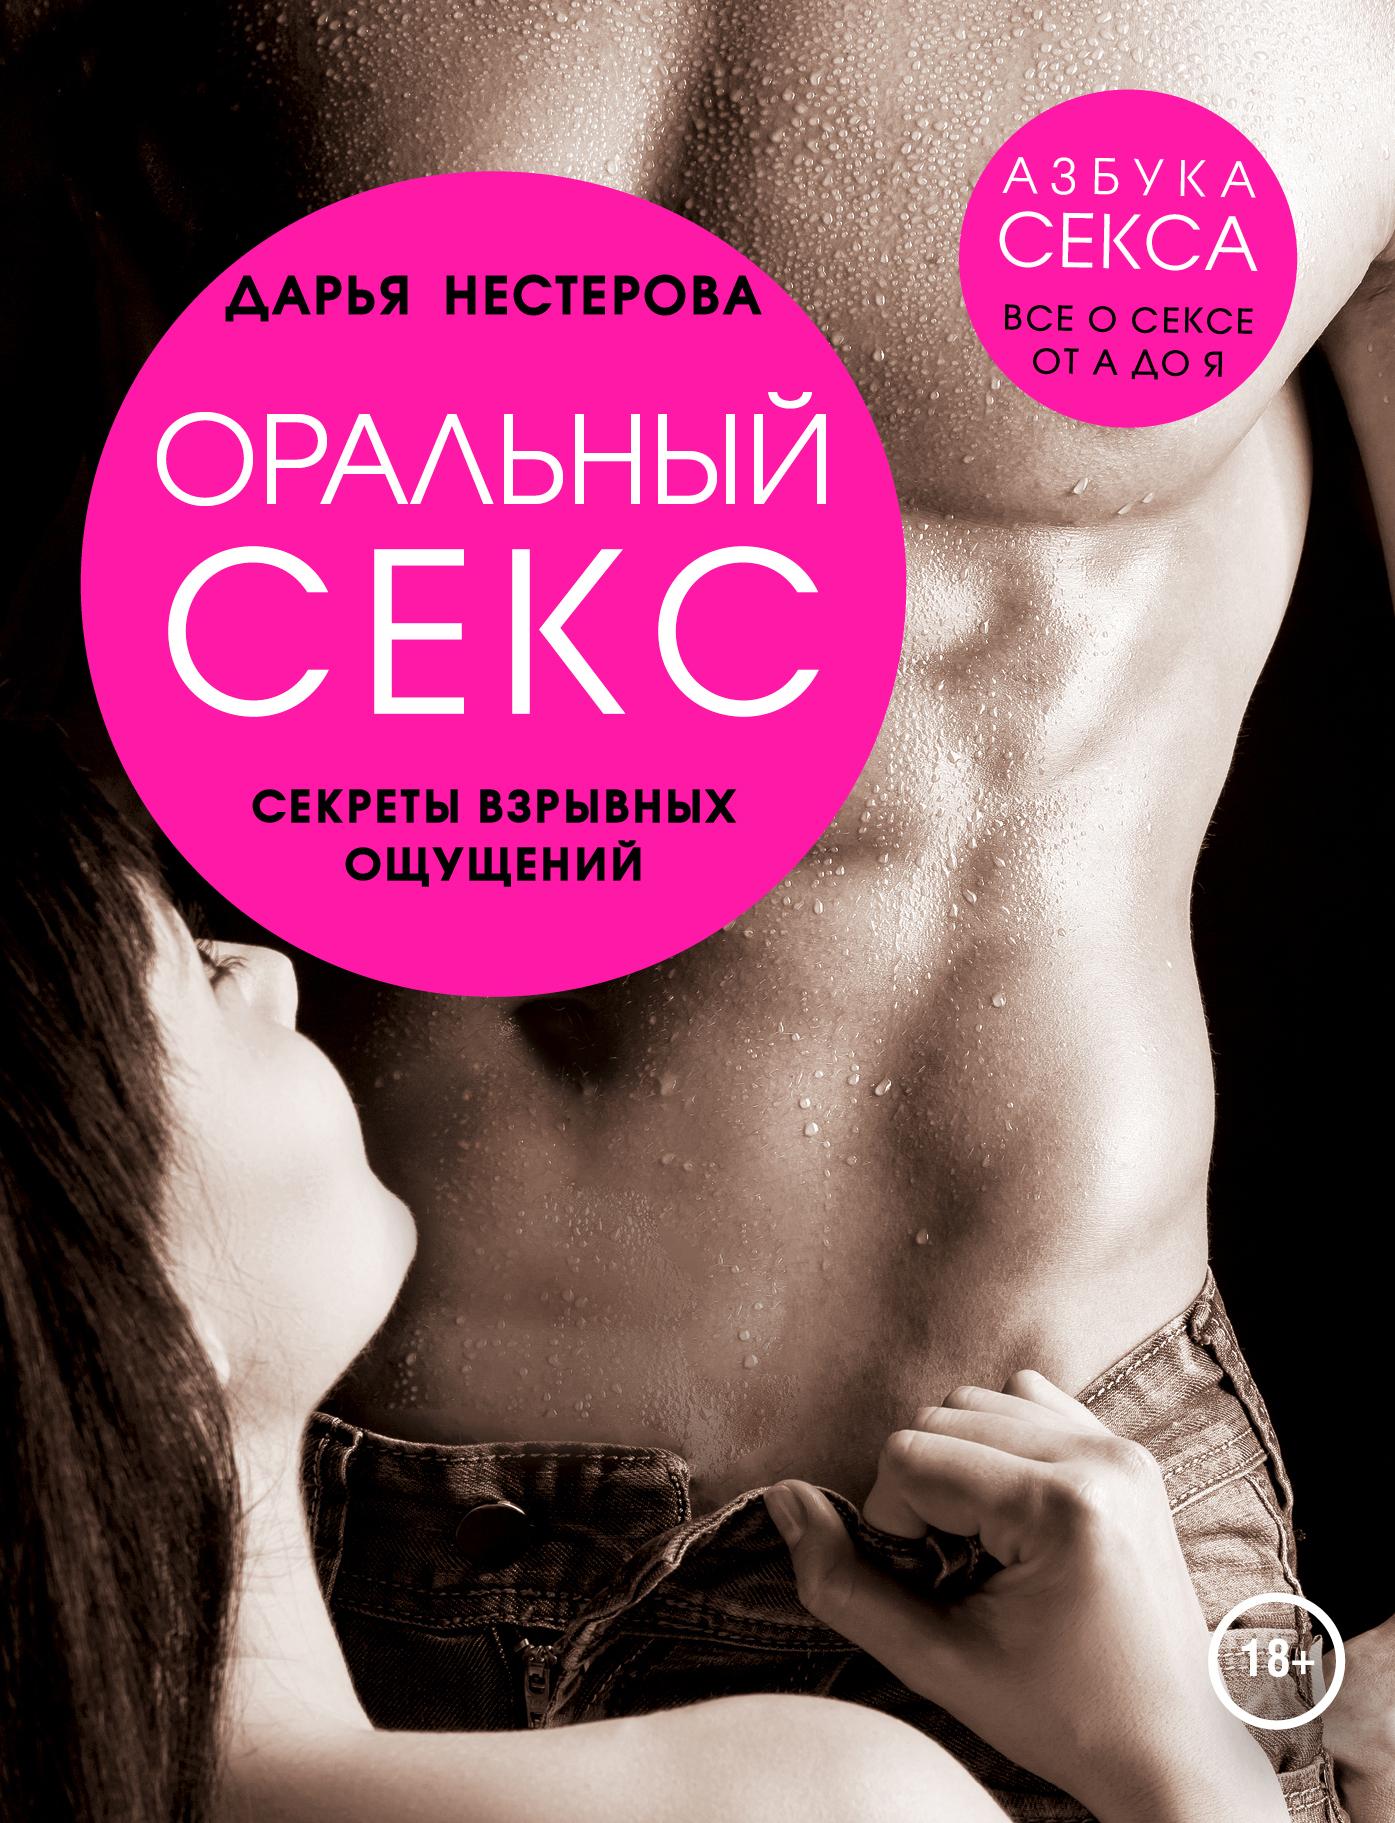 Читать секс книги онлайн бесплатно и без регистрации 2 фотография